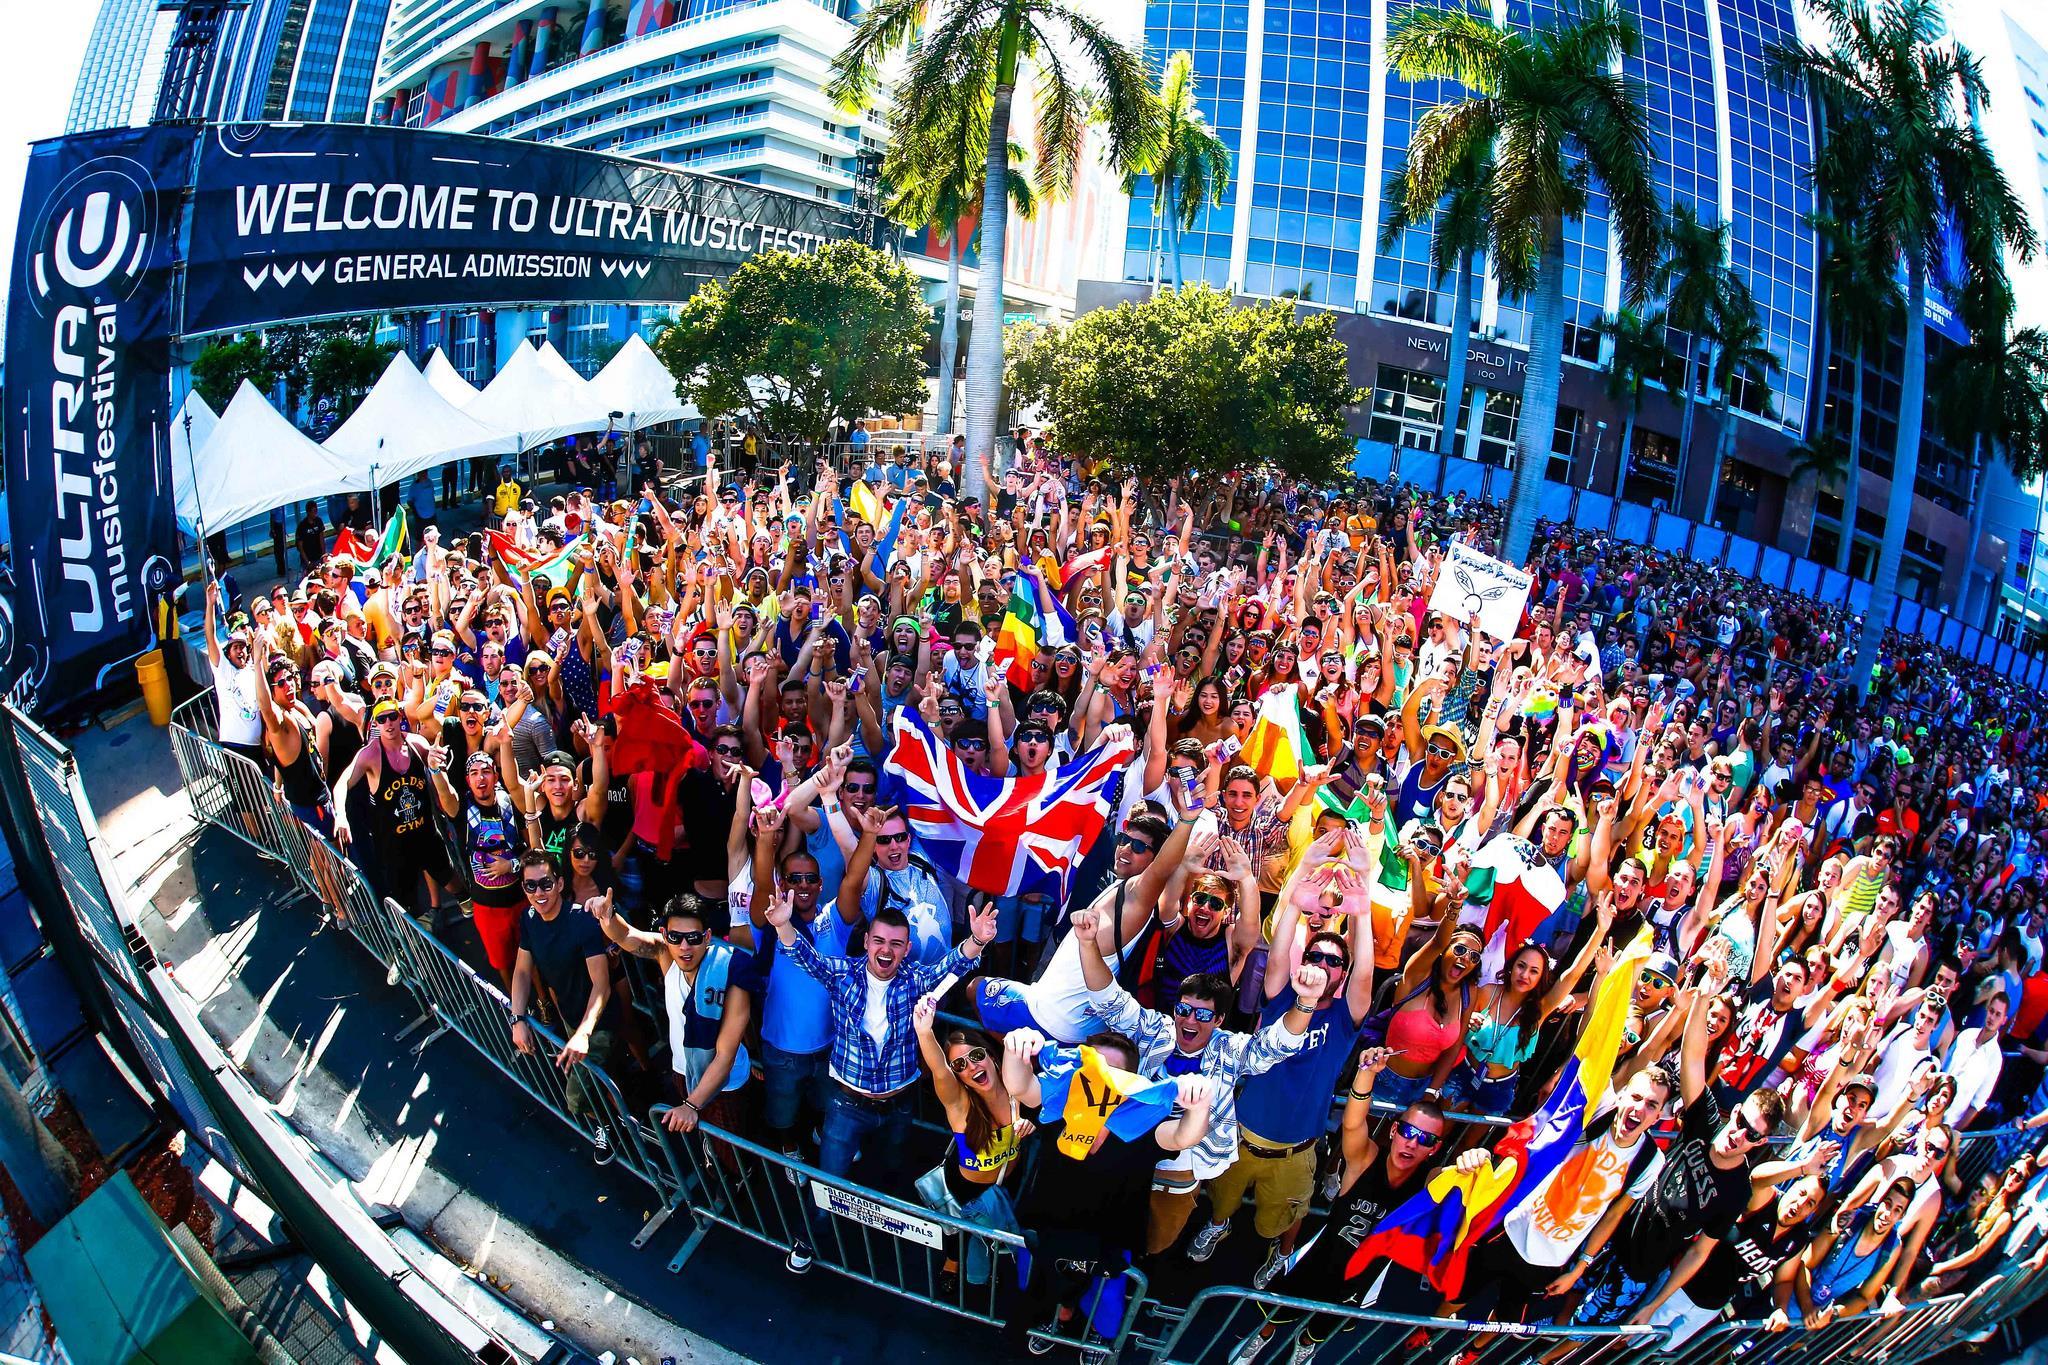 La coda all'ingresso dell'Ultra Music Festival prima dell'apertura dei cancelli